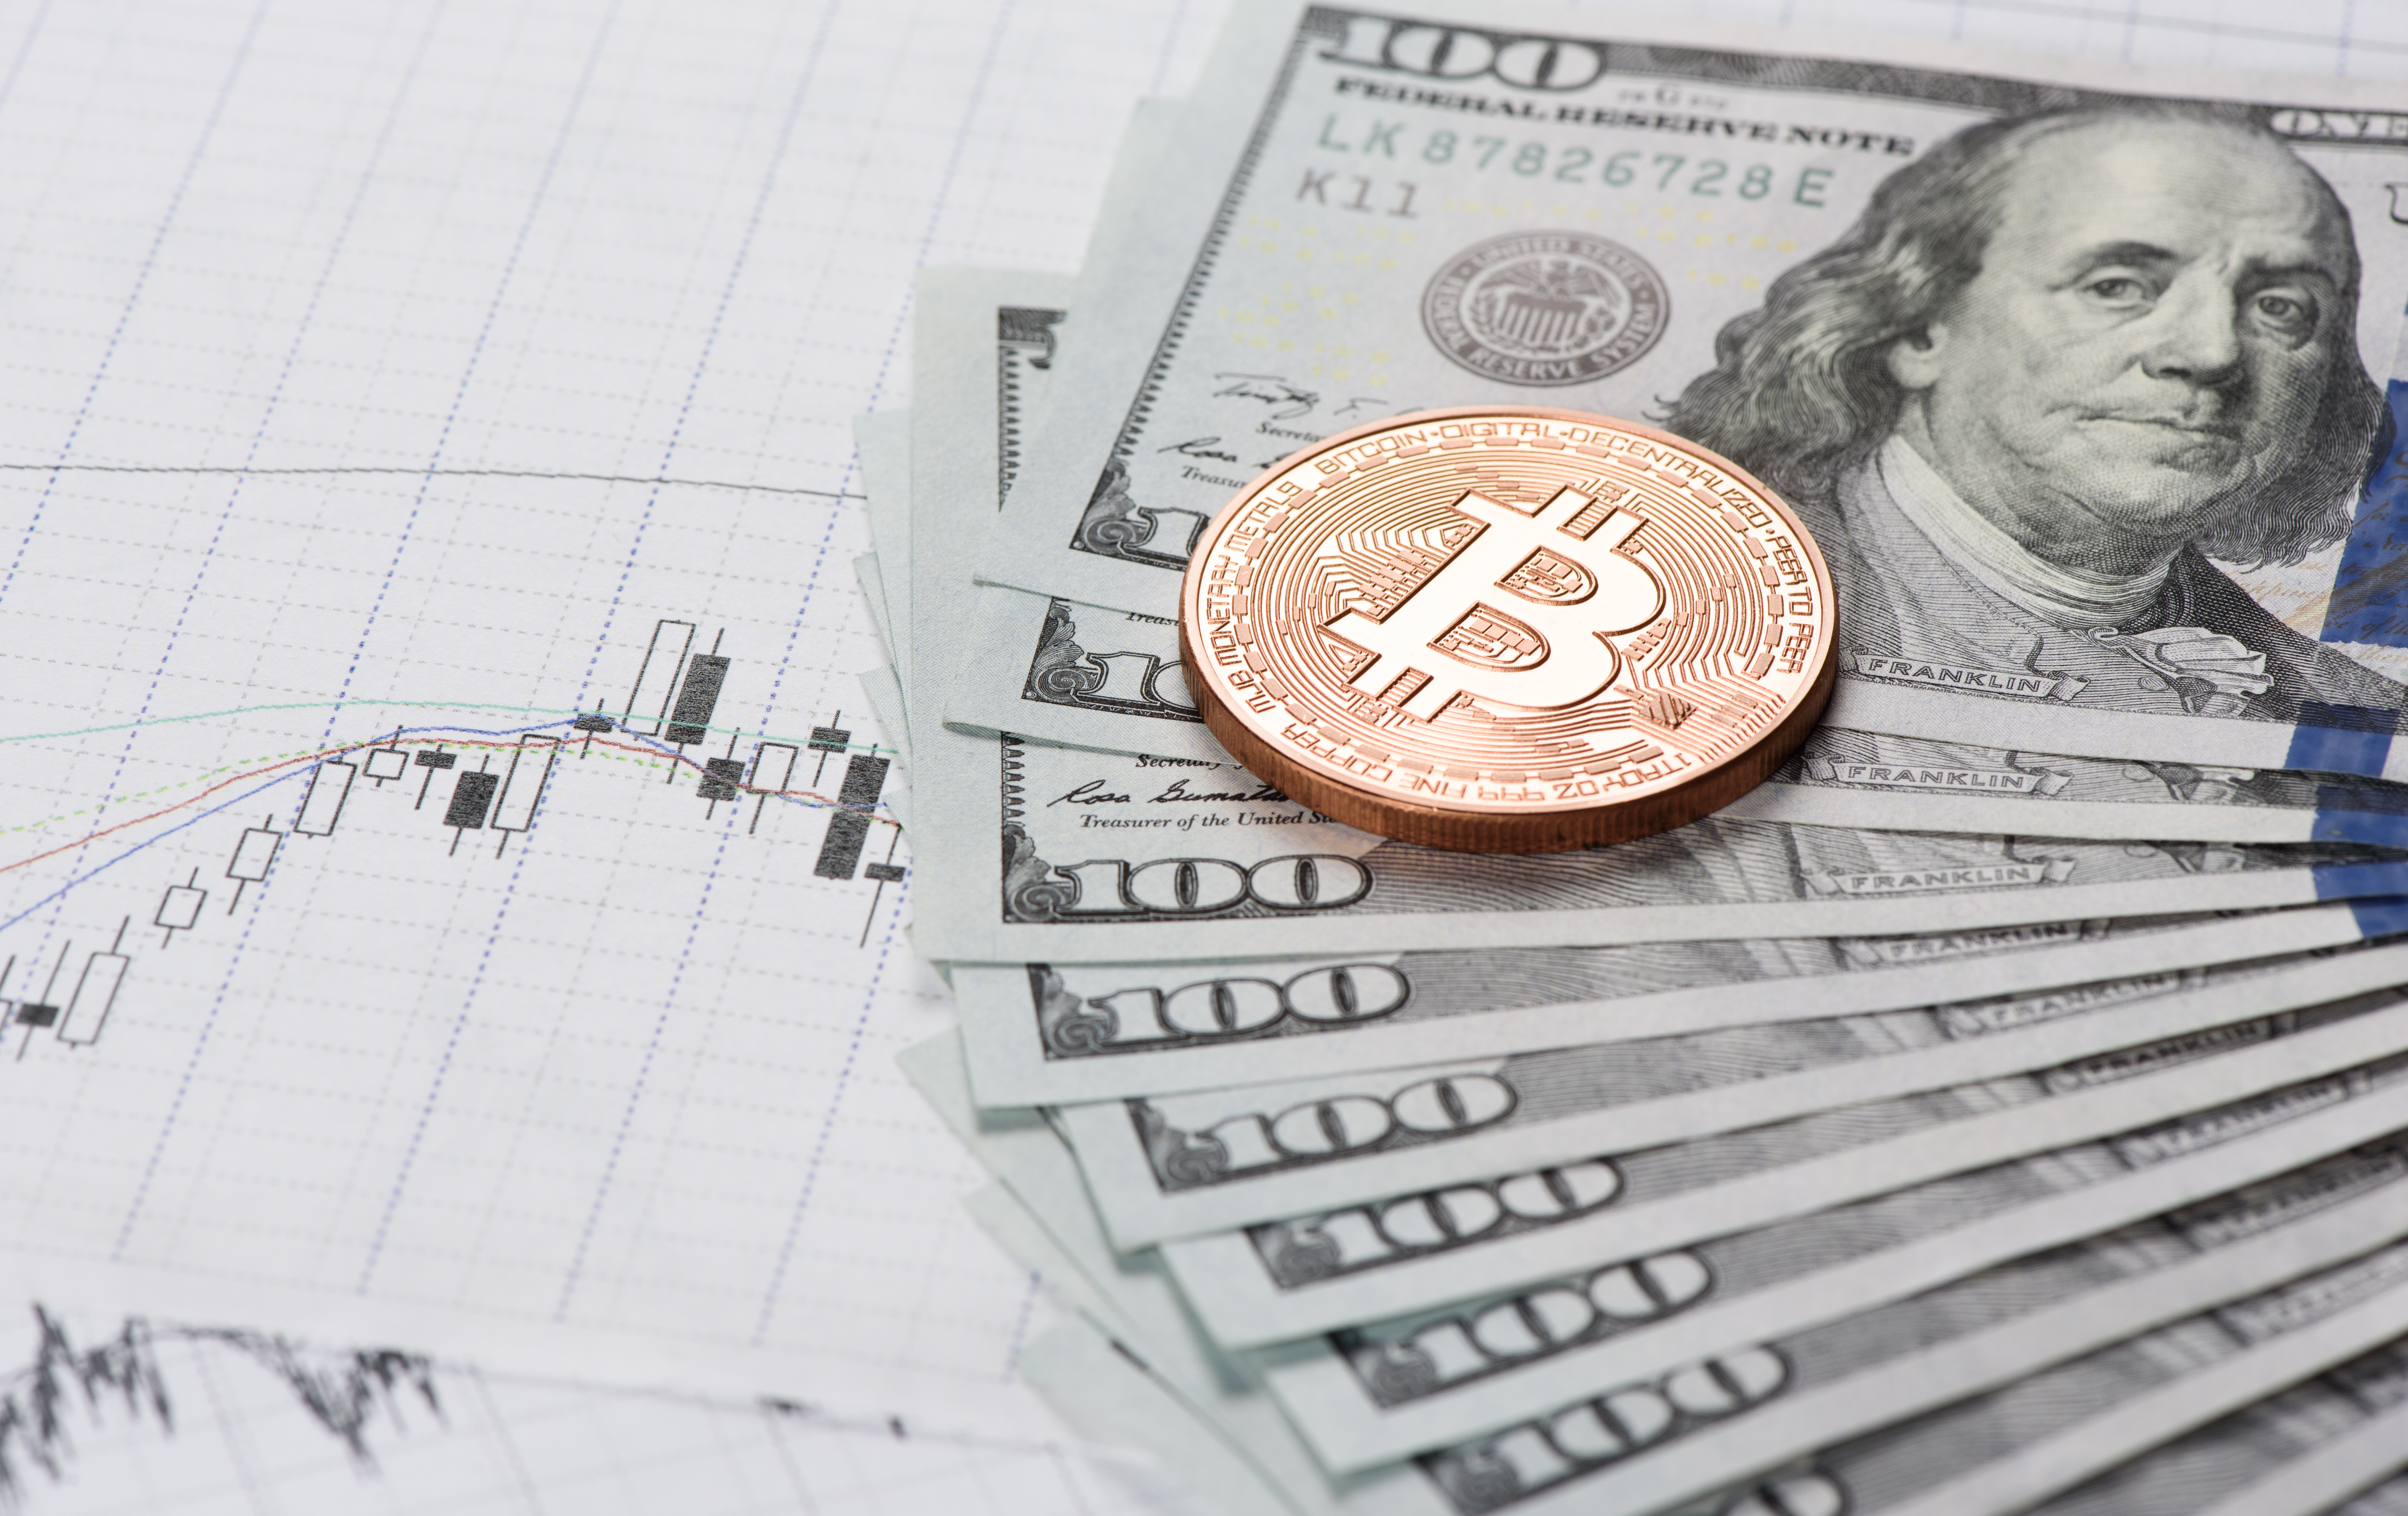 پول و ویژگی ذخیره ارزش – جلسه اموزشی فرهاد اکسچنج 39